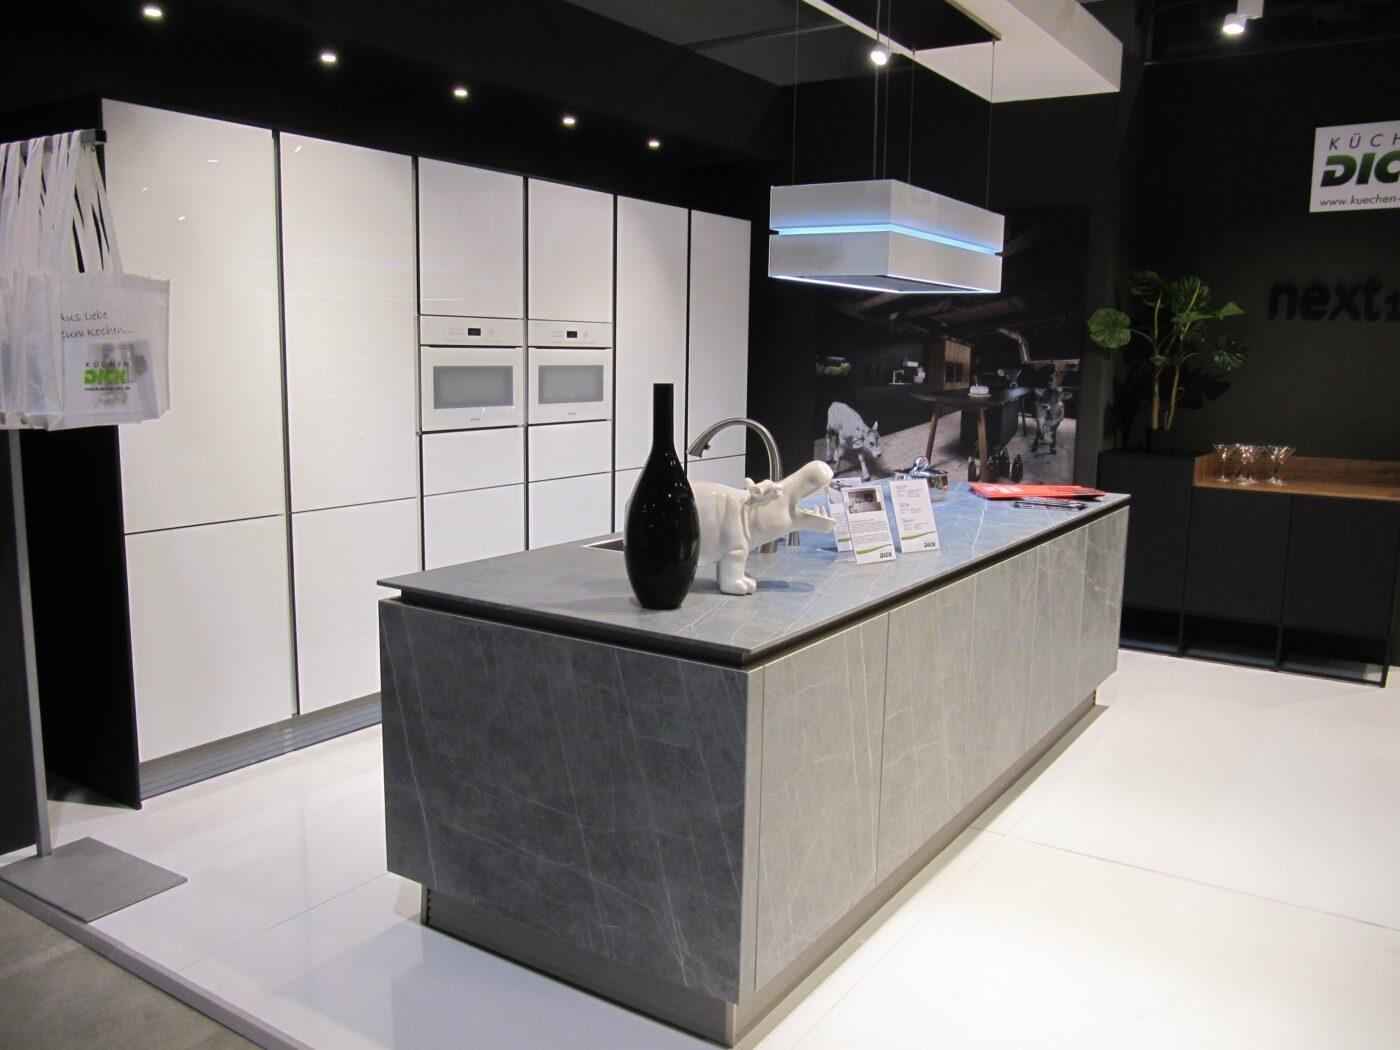 Impressionen unseres Bauen & Modernisieren Standes aus dem vorherigen Jahr